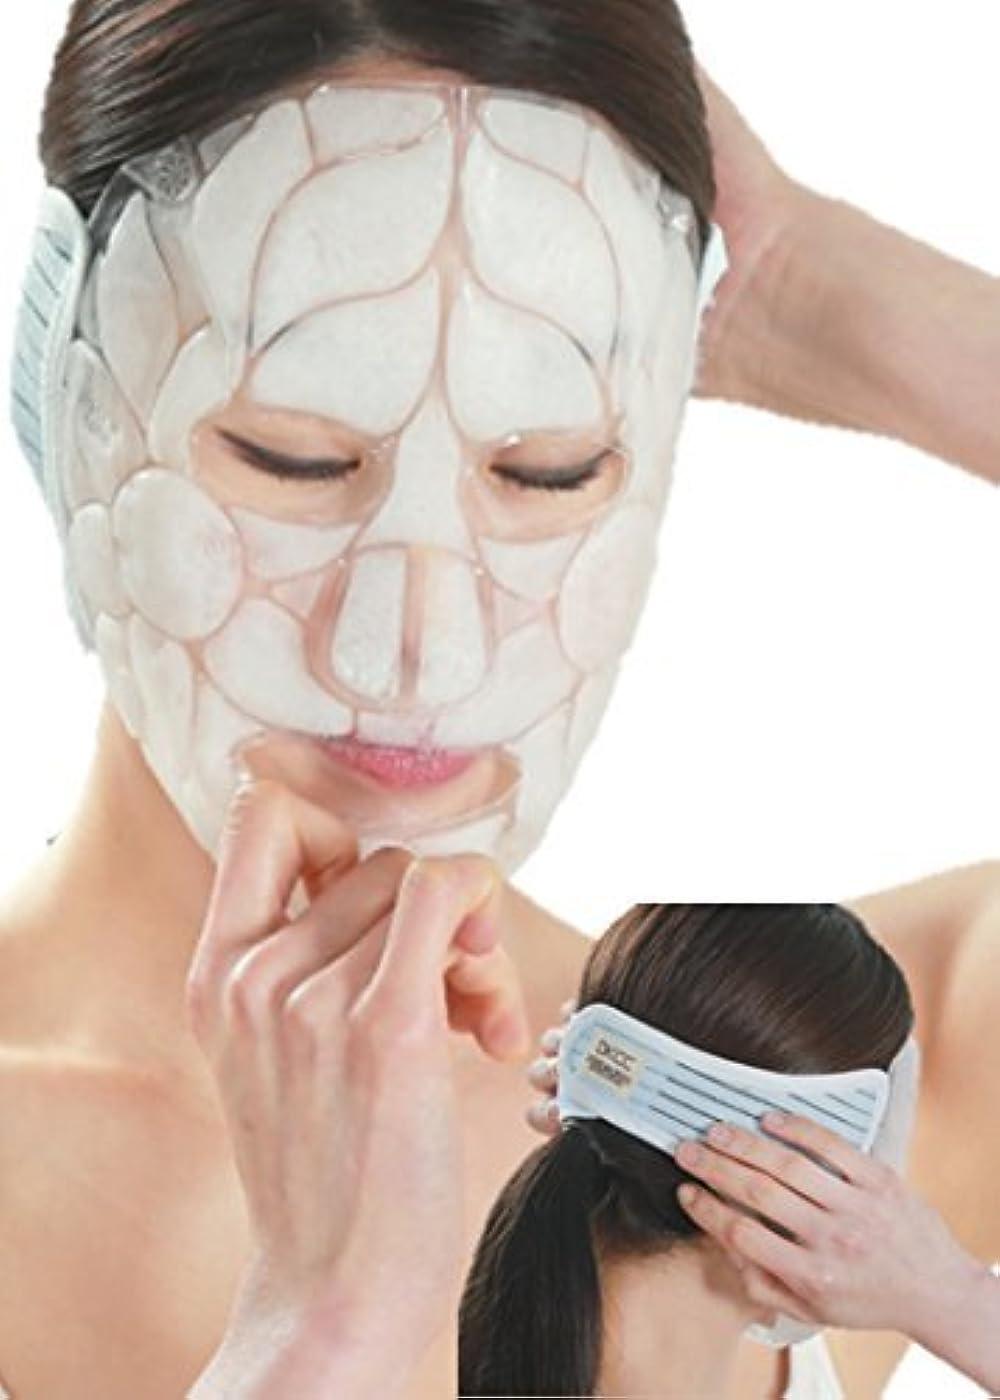 オデュッセウス順番余裕がある【 お風呂上がりは冷却美容 でプリ肌に 】bellacrea(ベラクレア) アイスクーリングマスク フェイスパック 小顔マスク 韓国パック シートパック用